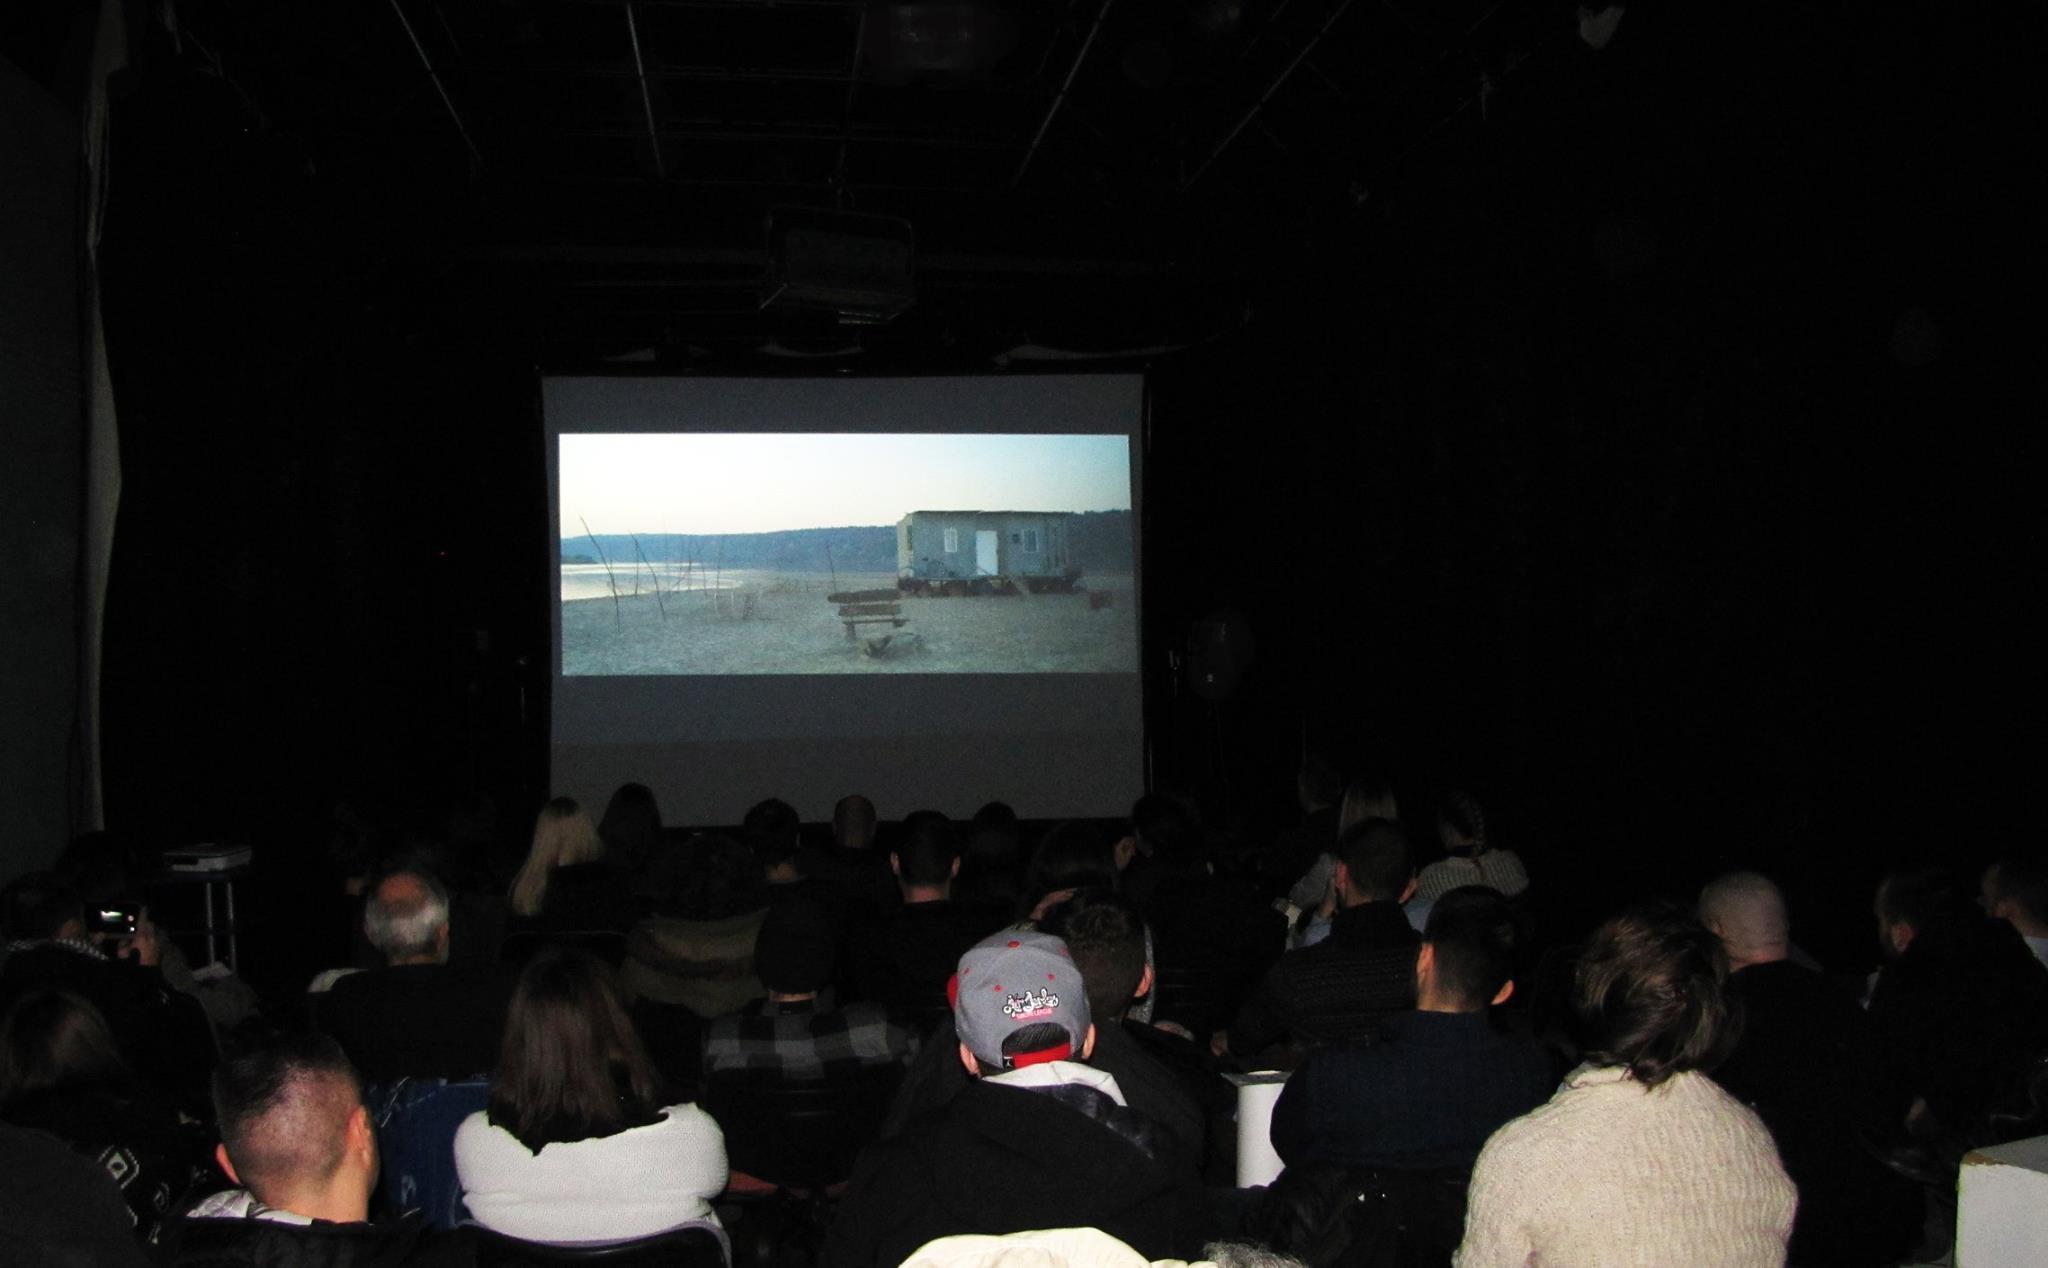 Enjoying the film